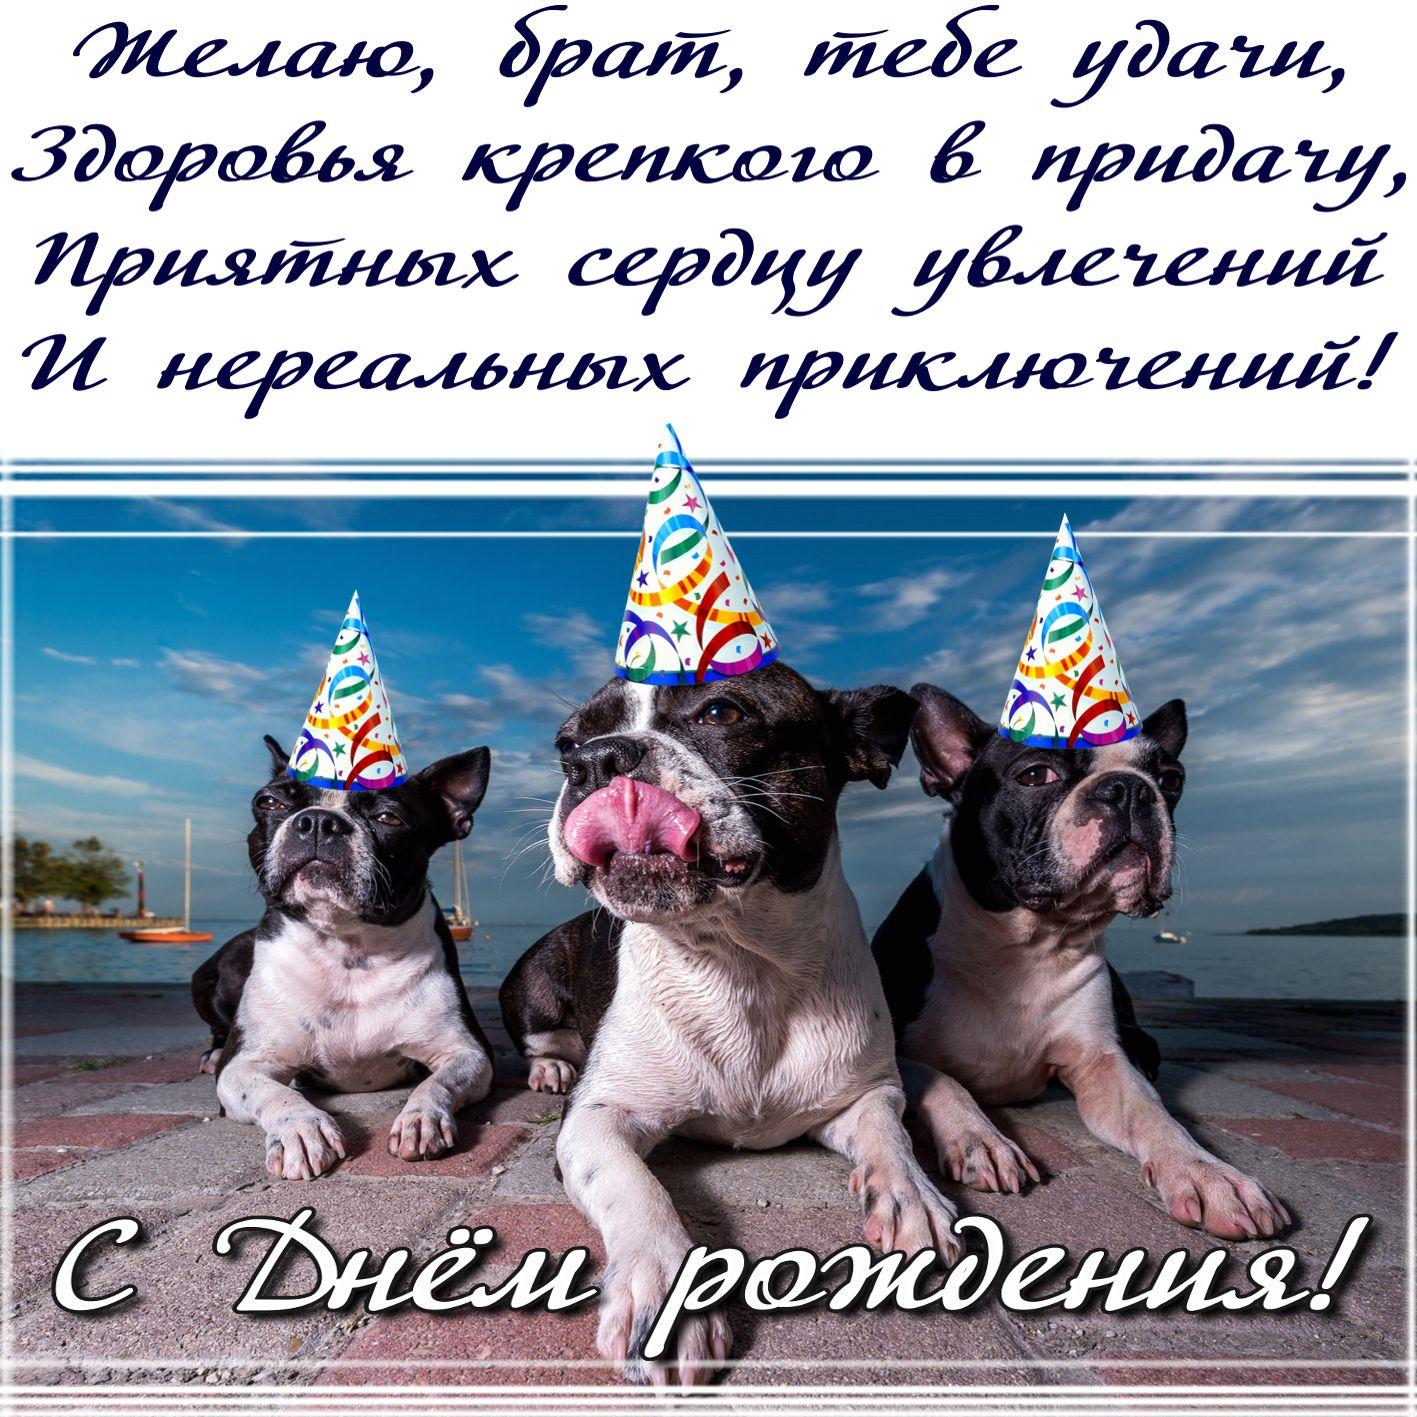 Открытка на День рождения брату - забавные собачки в колпачках